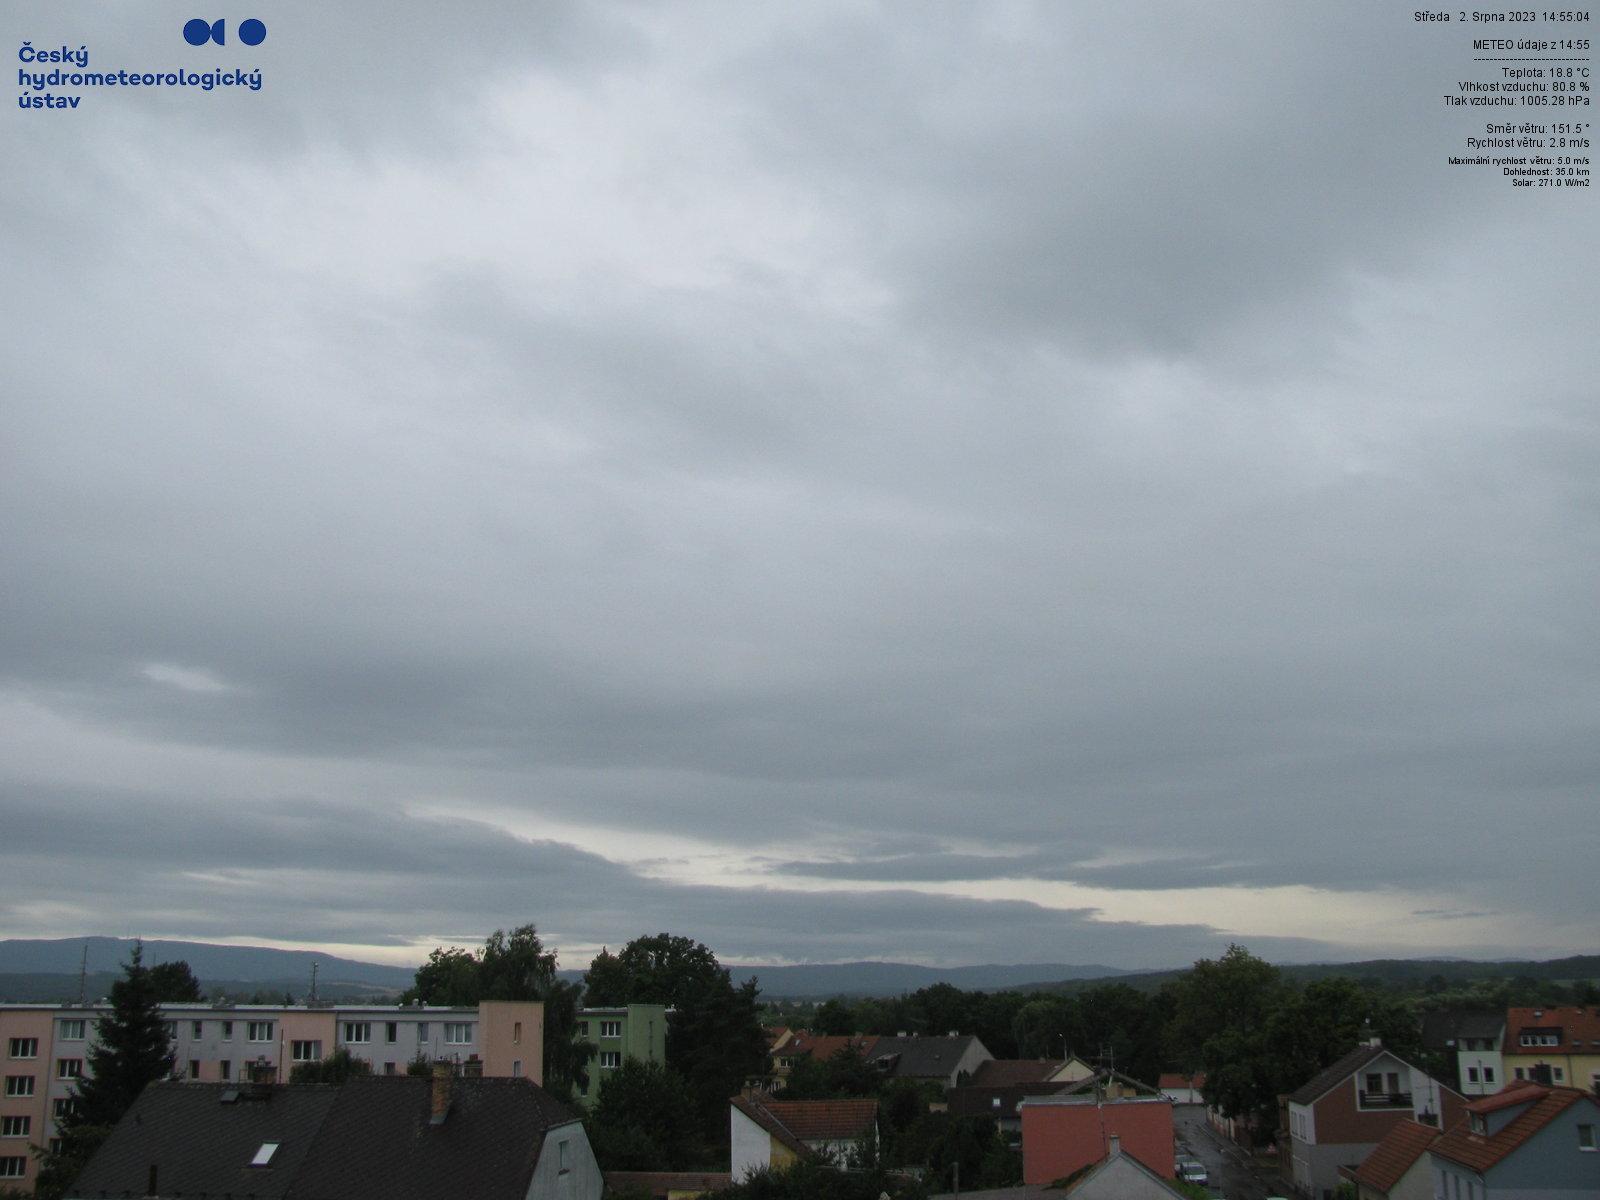 Webcam - České Budějovice